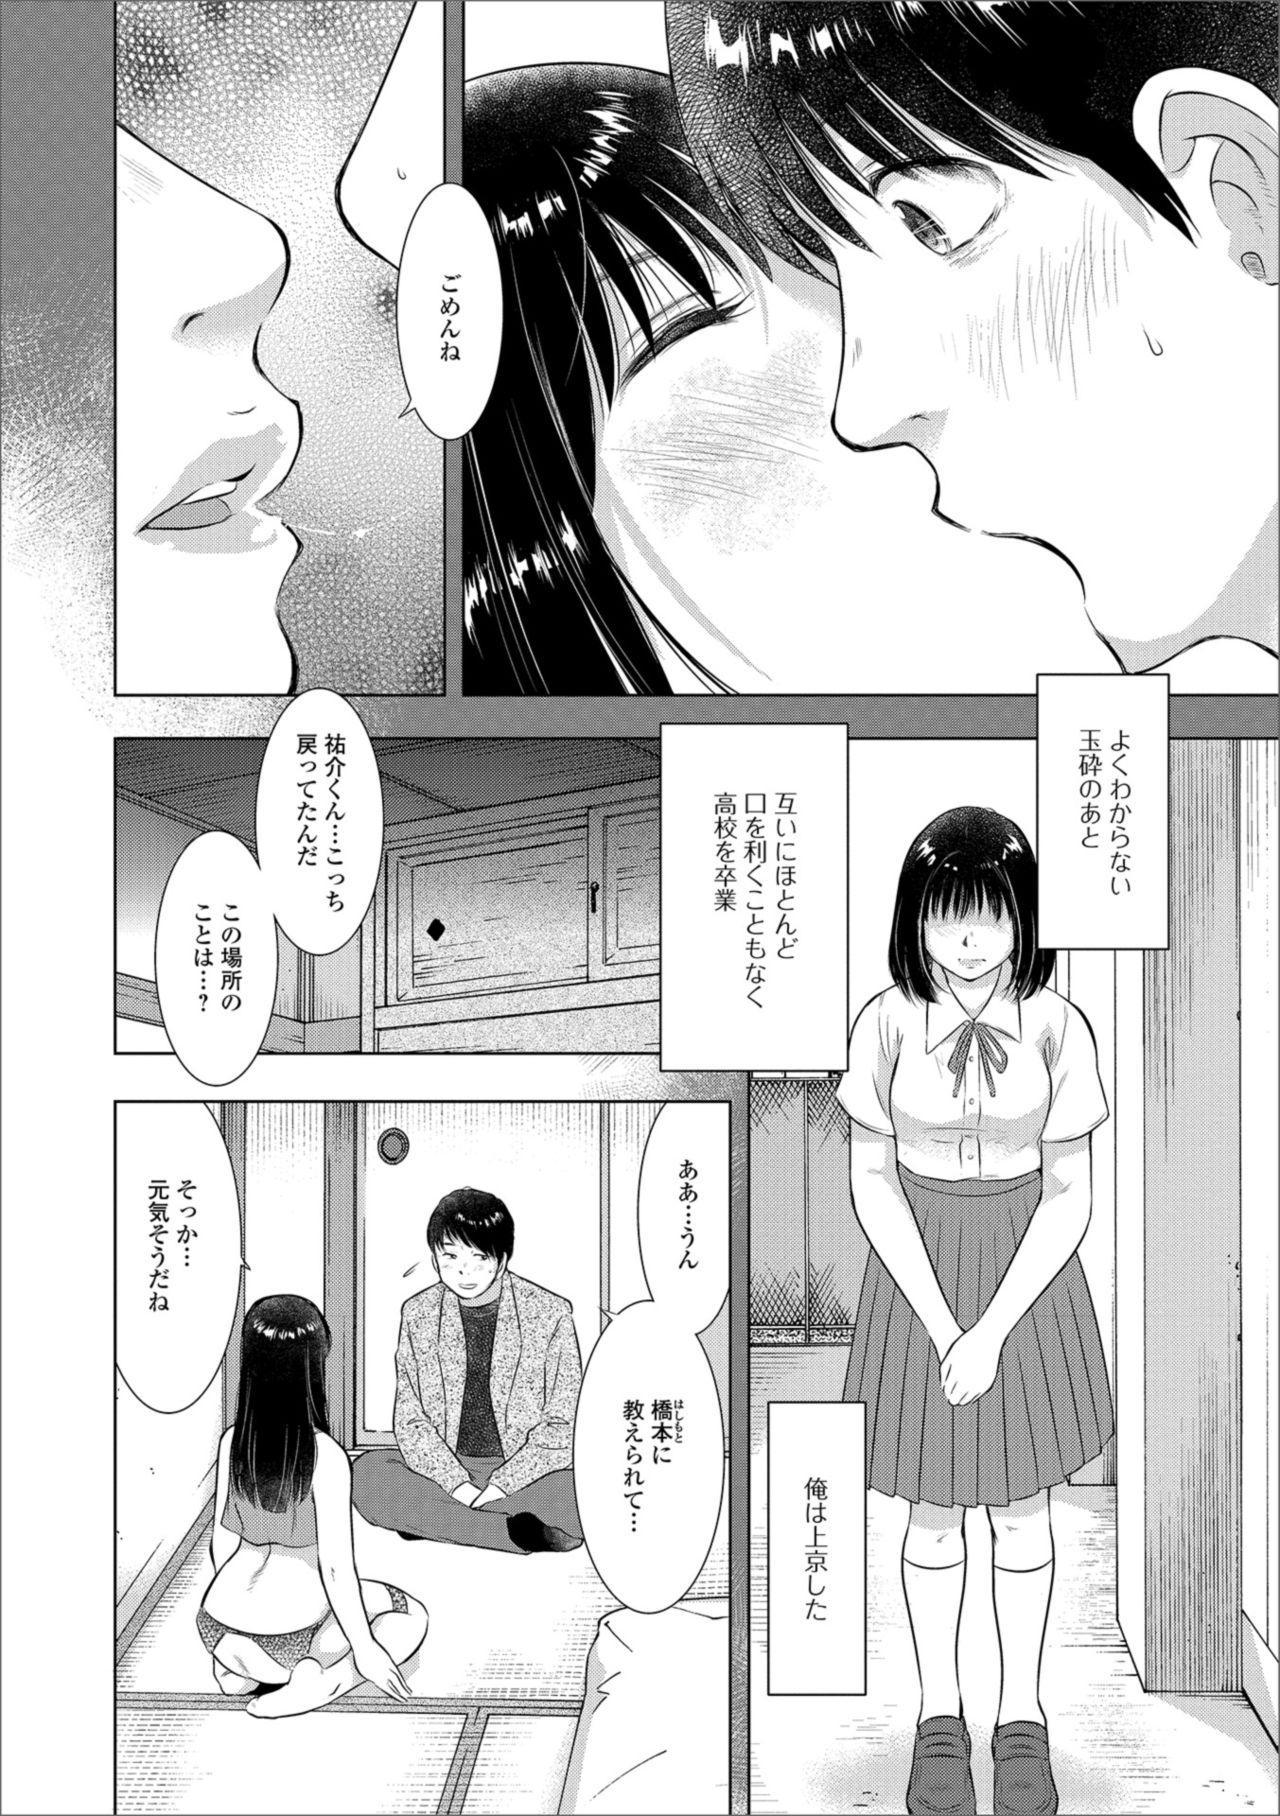 Web Haishin Gekkan Tonari no Kininaru Oku-san Vol. 019 49